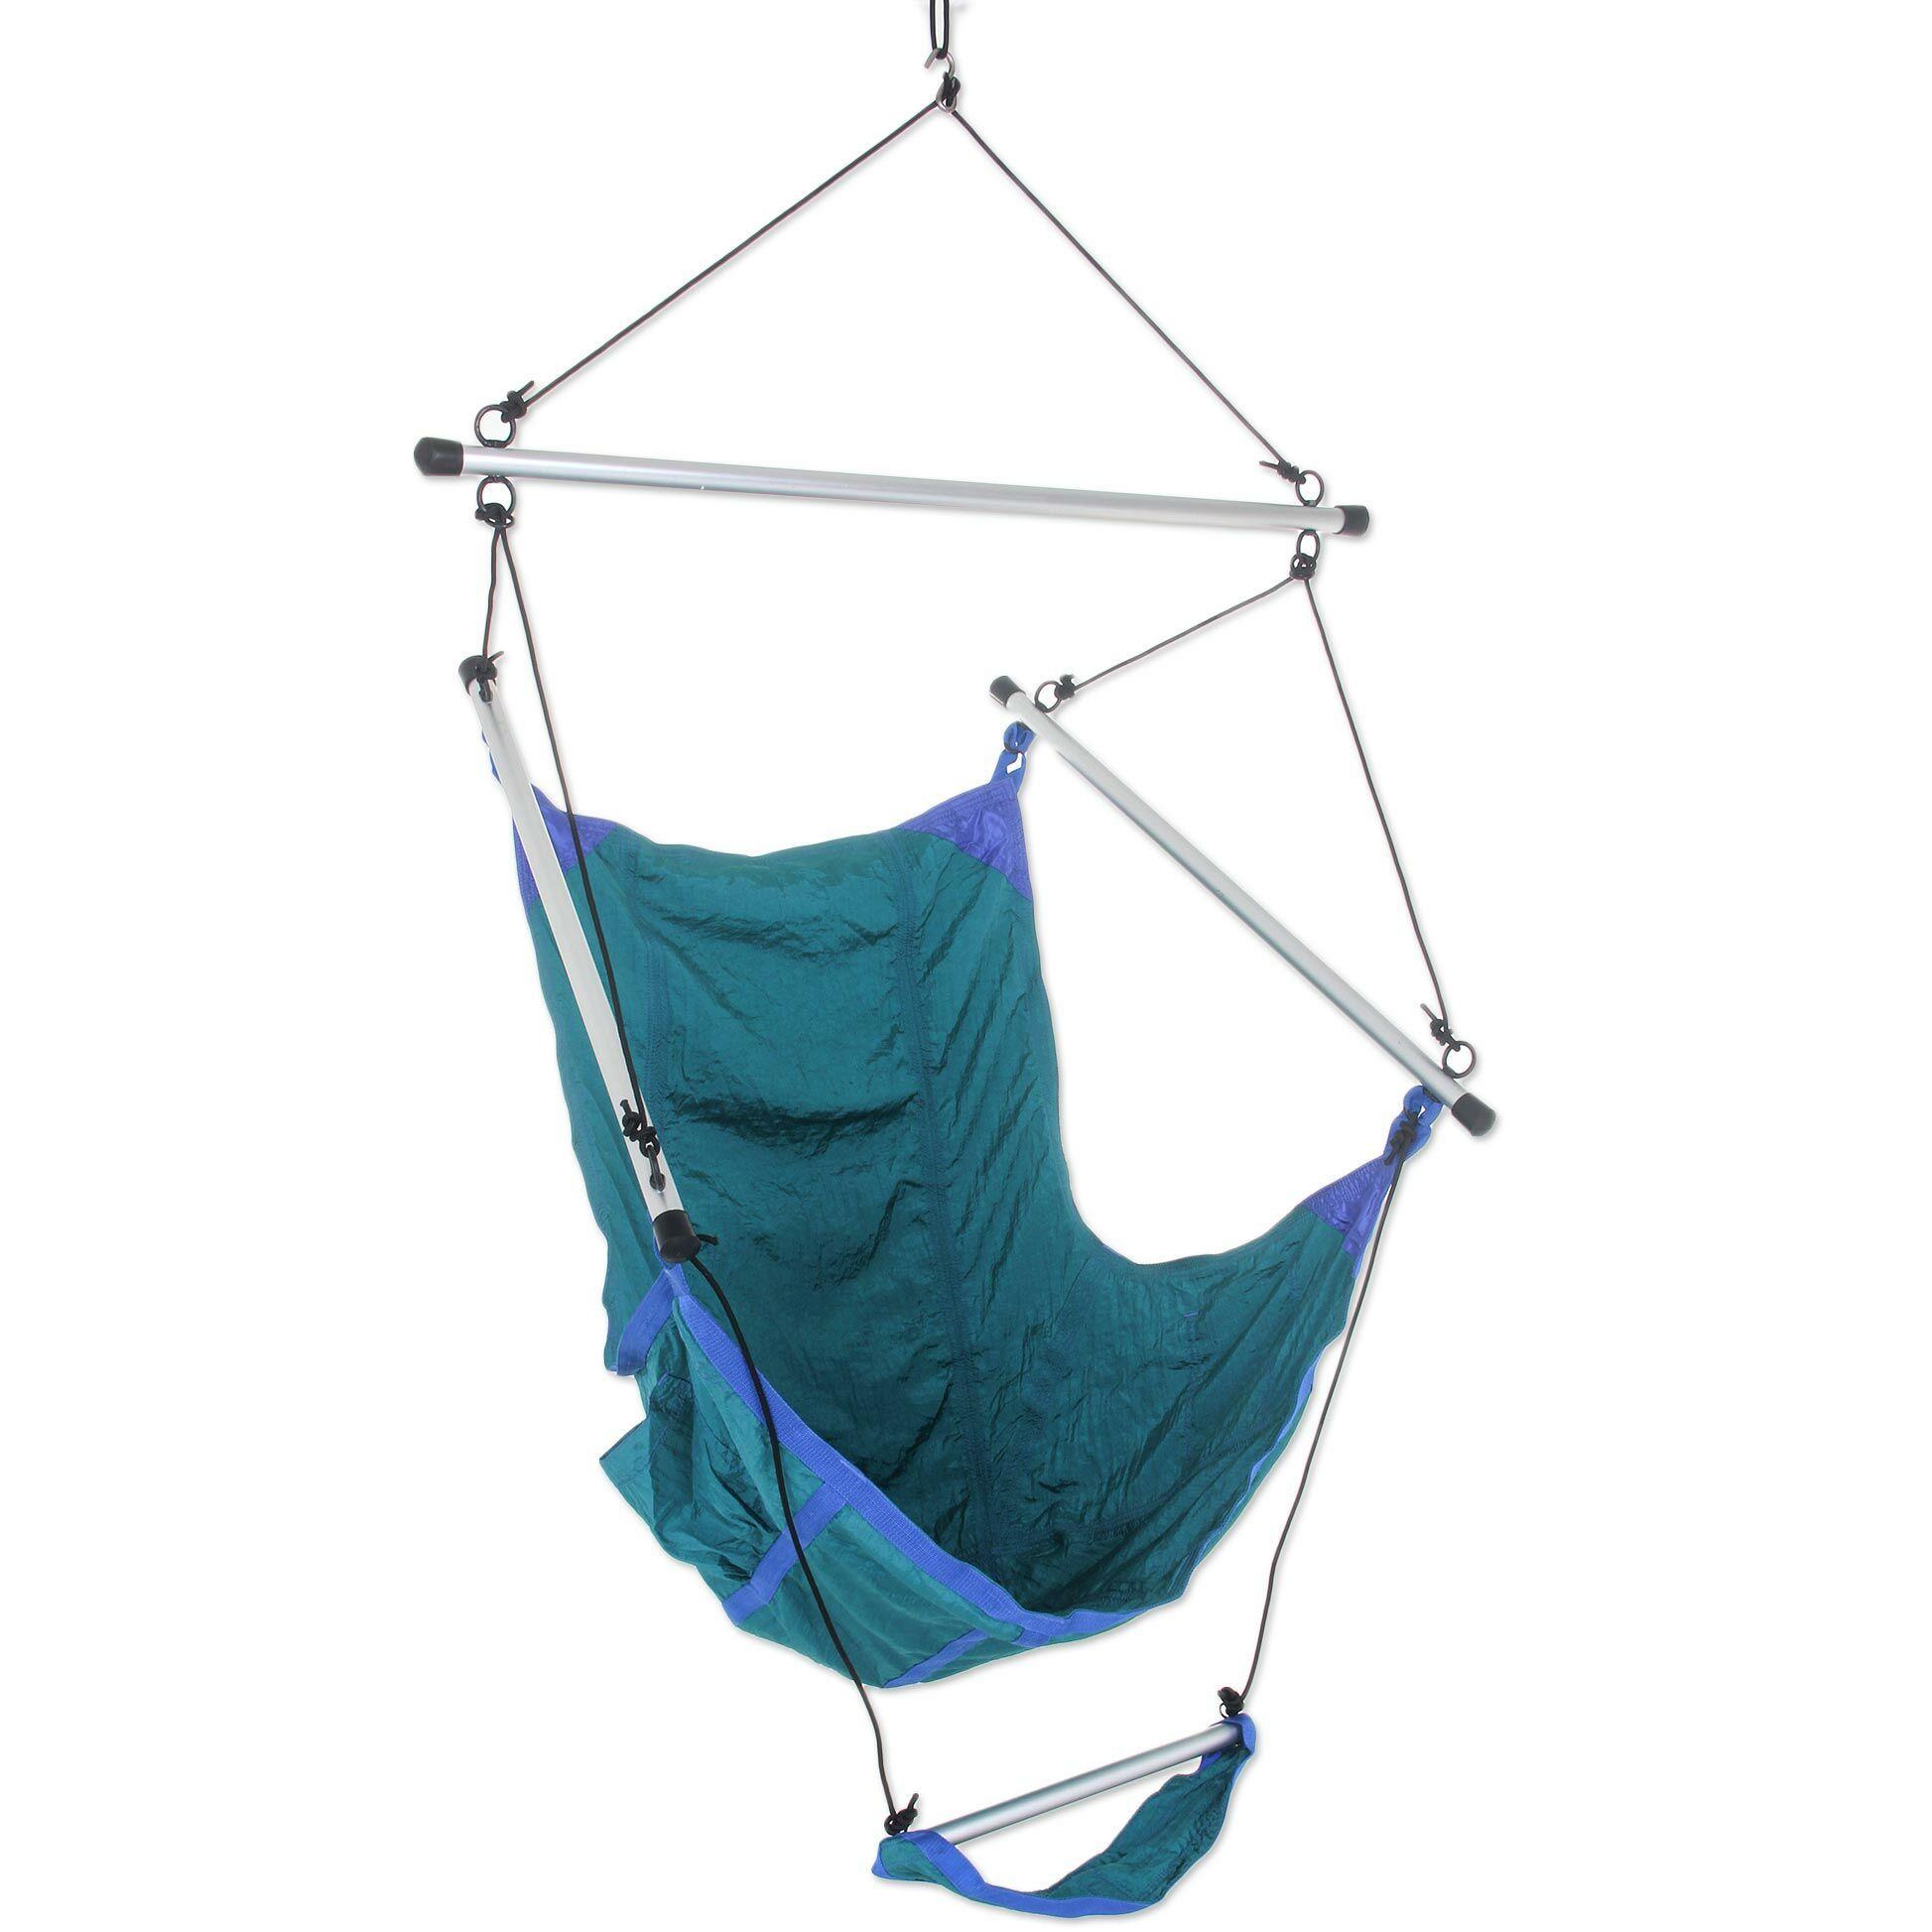 Nylon Chair Hammock